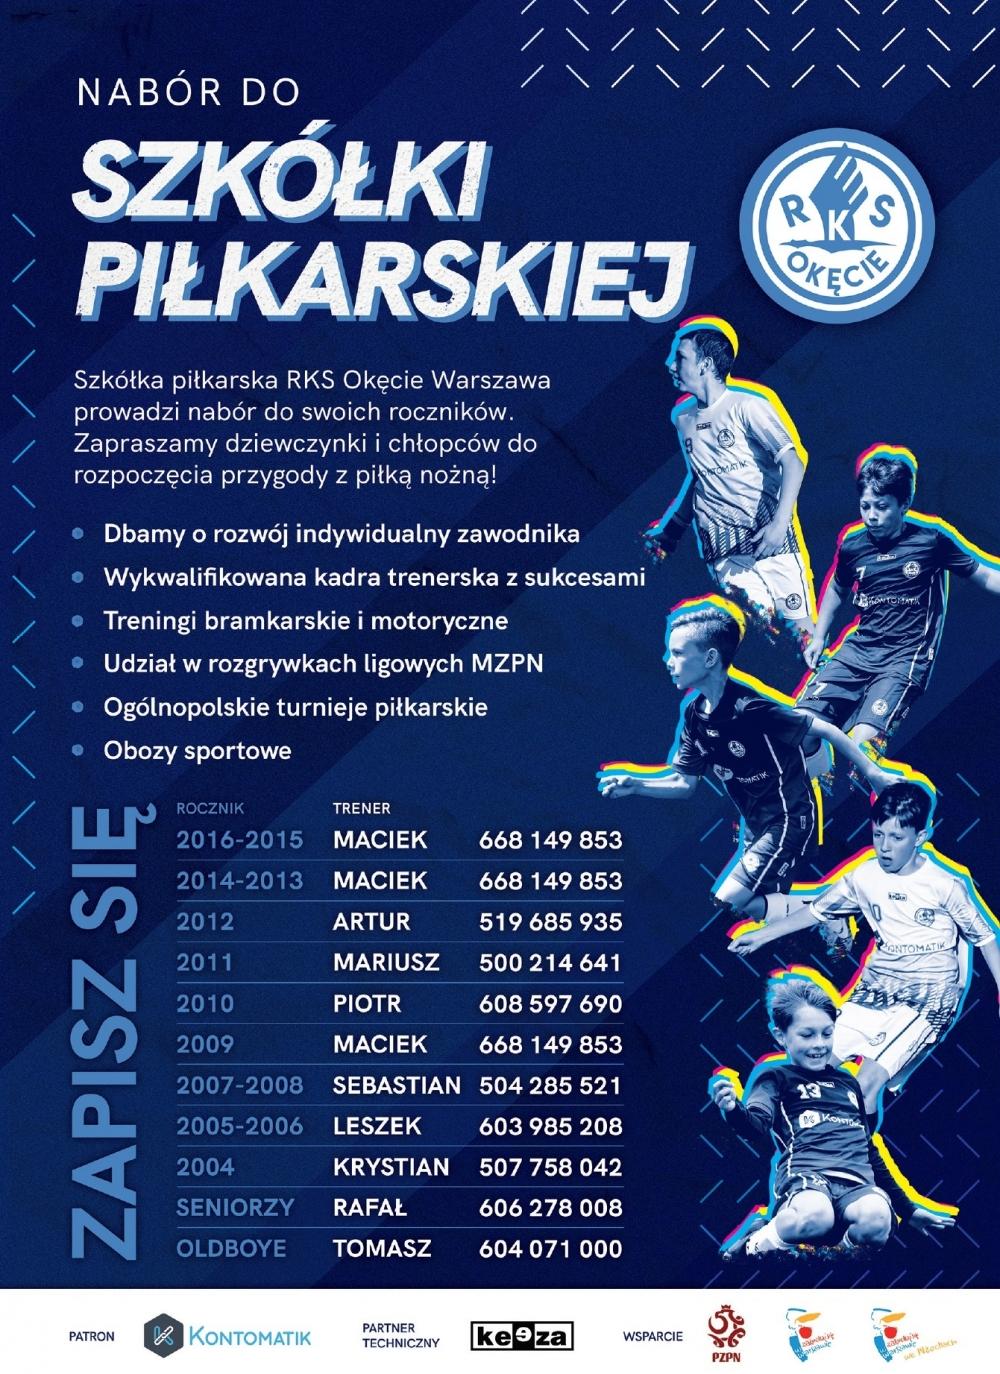 Nabór dzieci do sekcji piłki nożnej - RKS Okęcie Warszawa